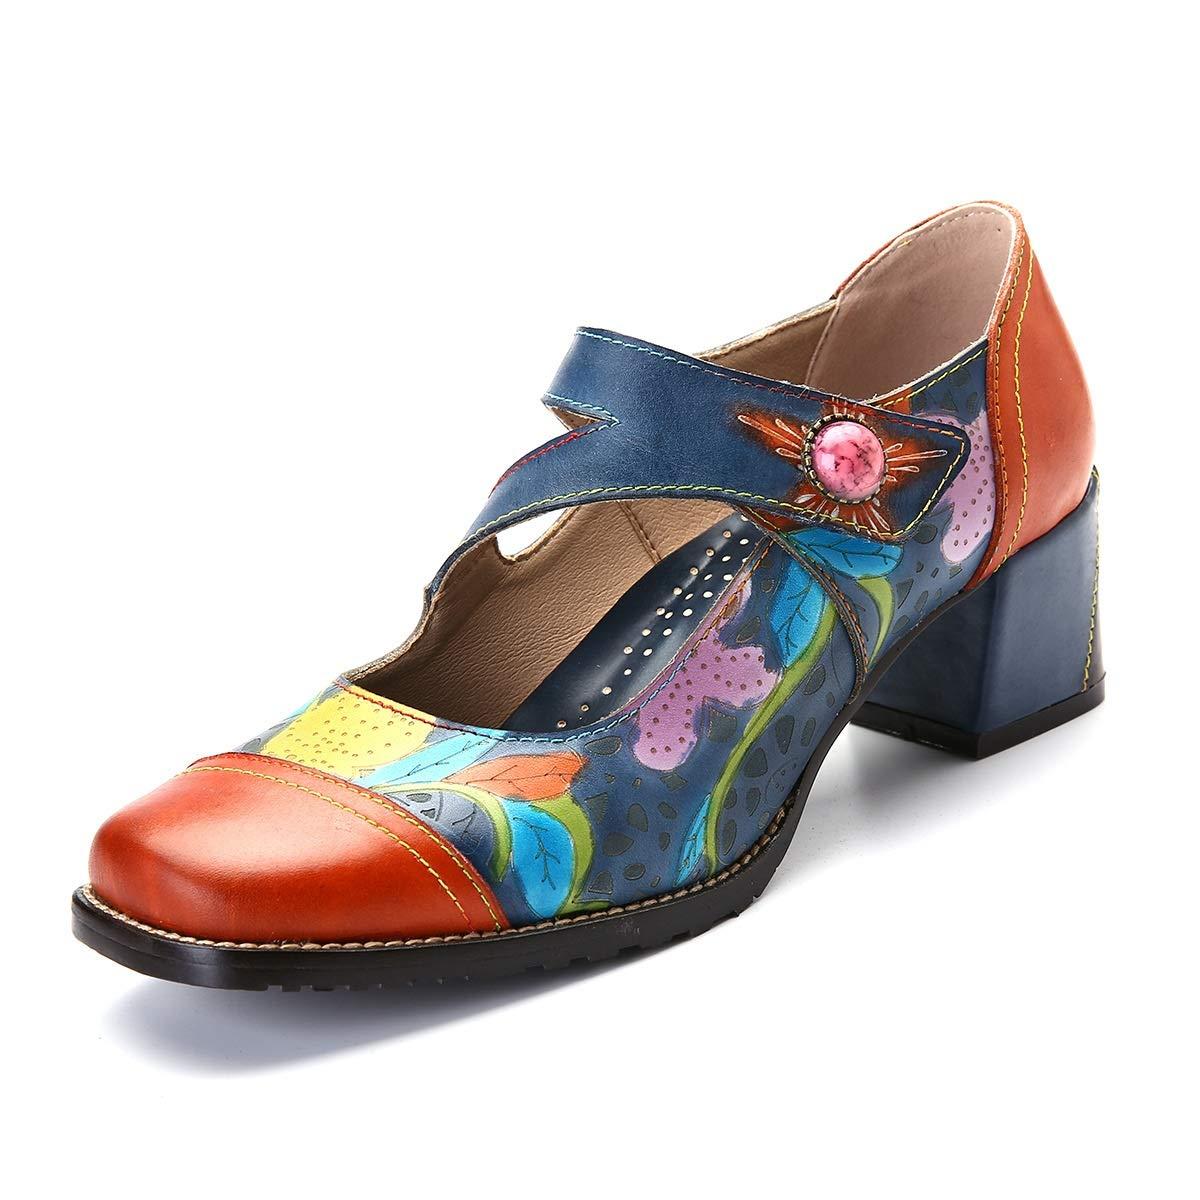 Hy Wdamen Flacher Mund Schuhe Winter Leder Mode Schuhe, Damen Retro handgemachte Flut Single Flowers Schuhe, Damen Schuhe Casual Wanderschuhe (Farbe   Blau, Größe   41)